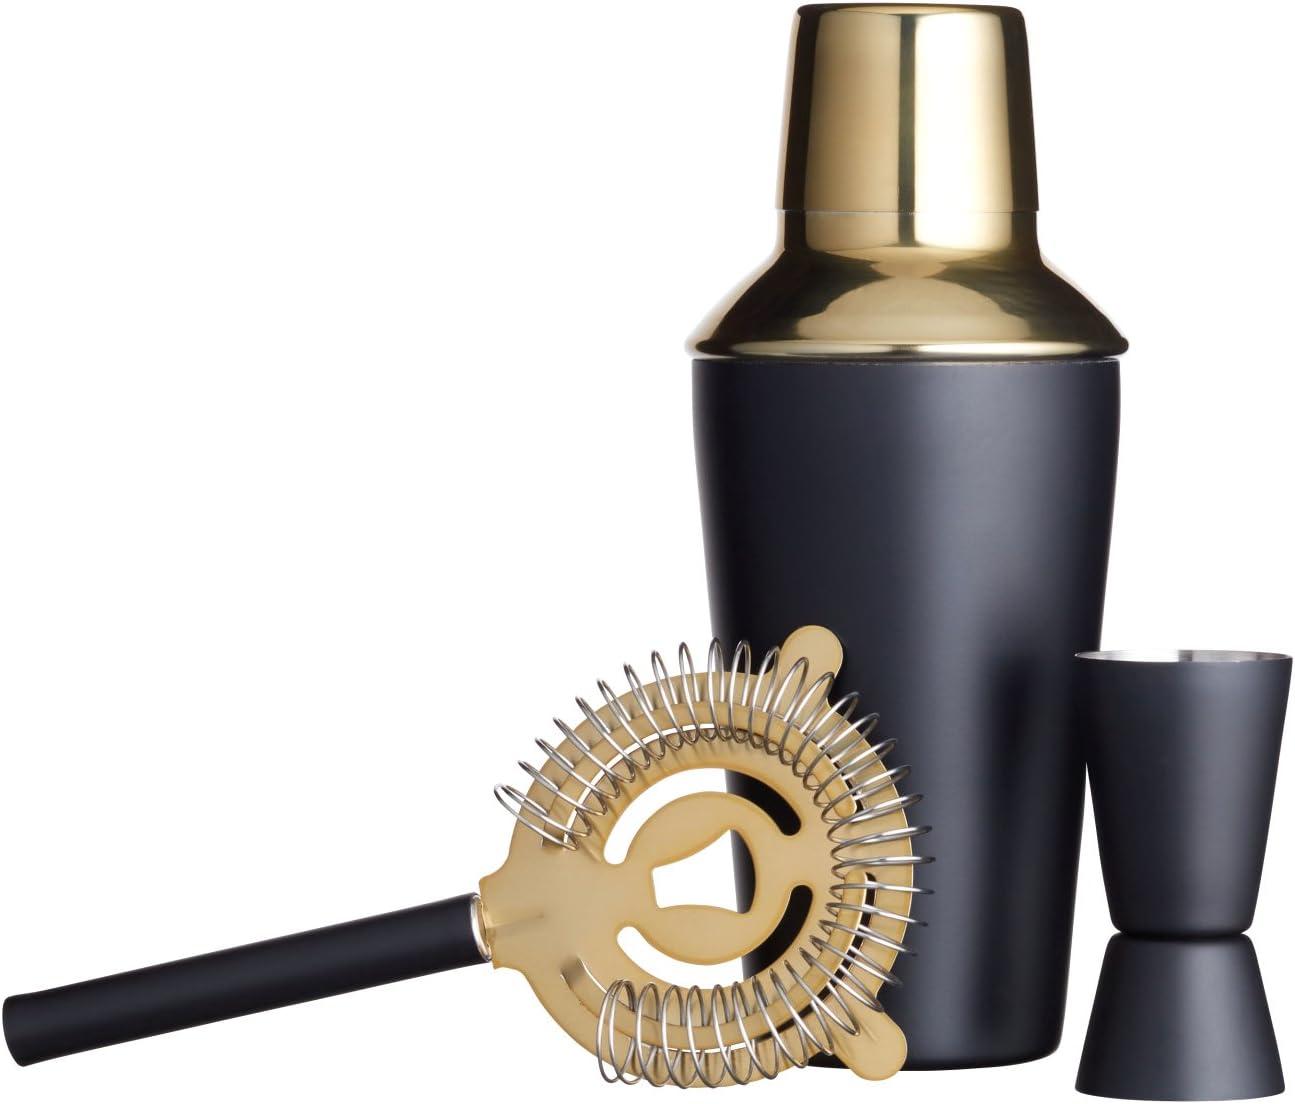 Cucchiaio e Libro di ricette con confezione regalo luxury Misurino Strainer Rusty Barrel Mayfair Cocktail Shaker Set Shaker Grande Manhattan Style in acciaio INOX Pestello in legno Versatore